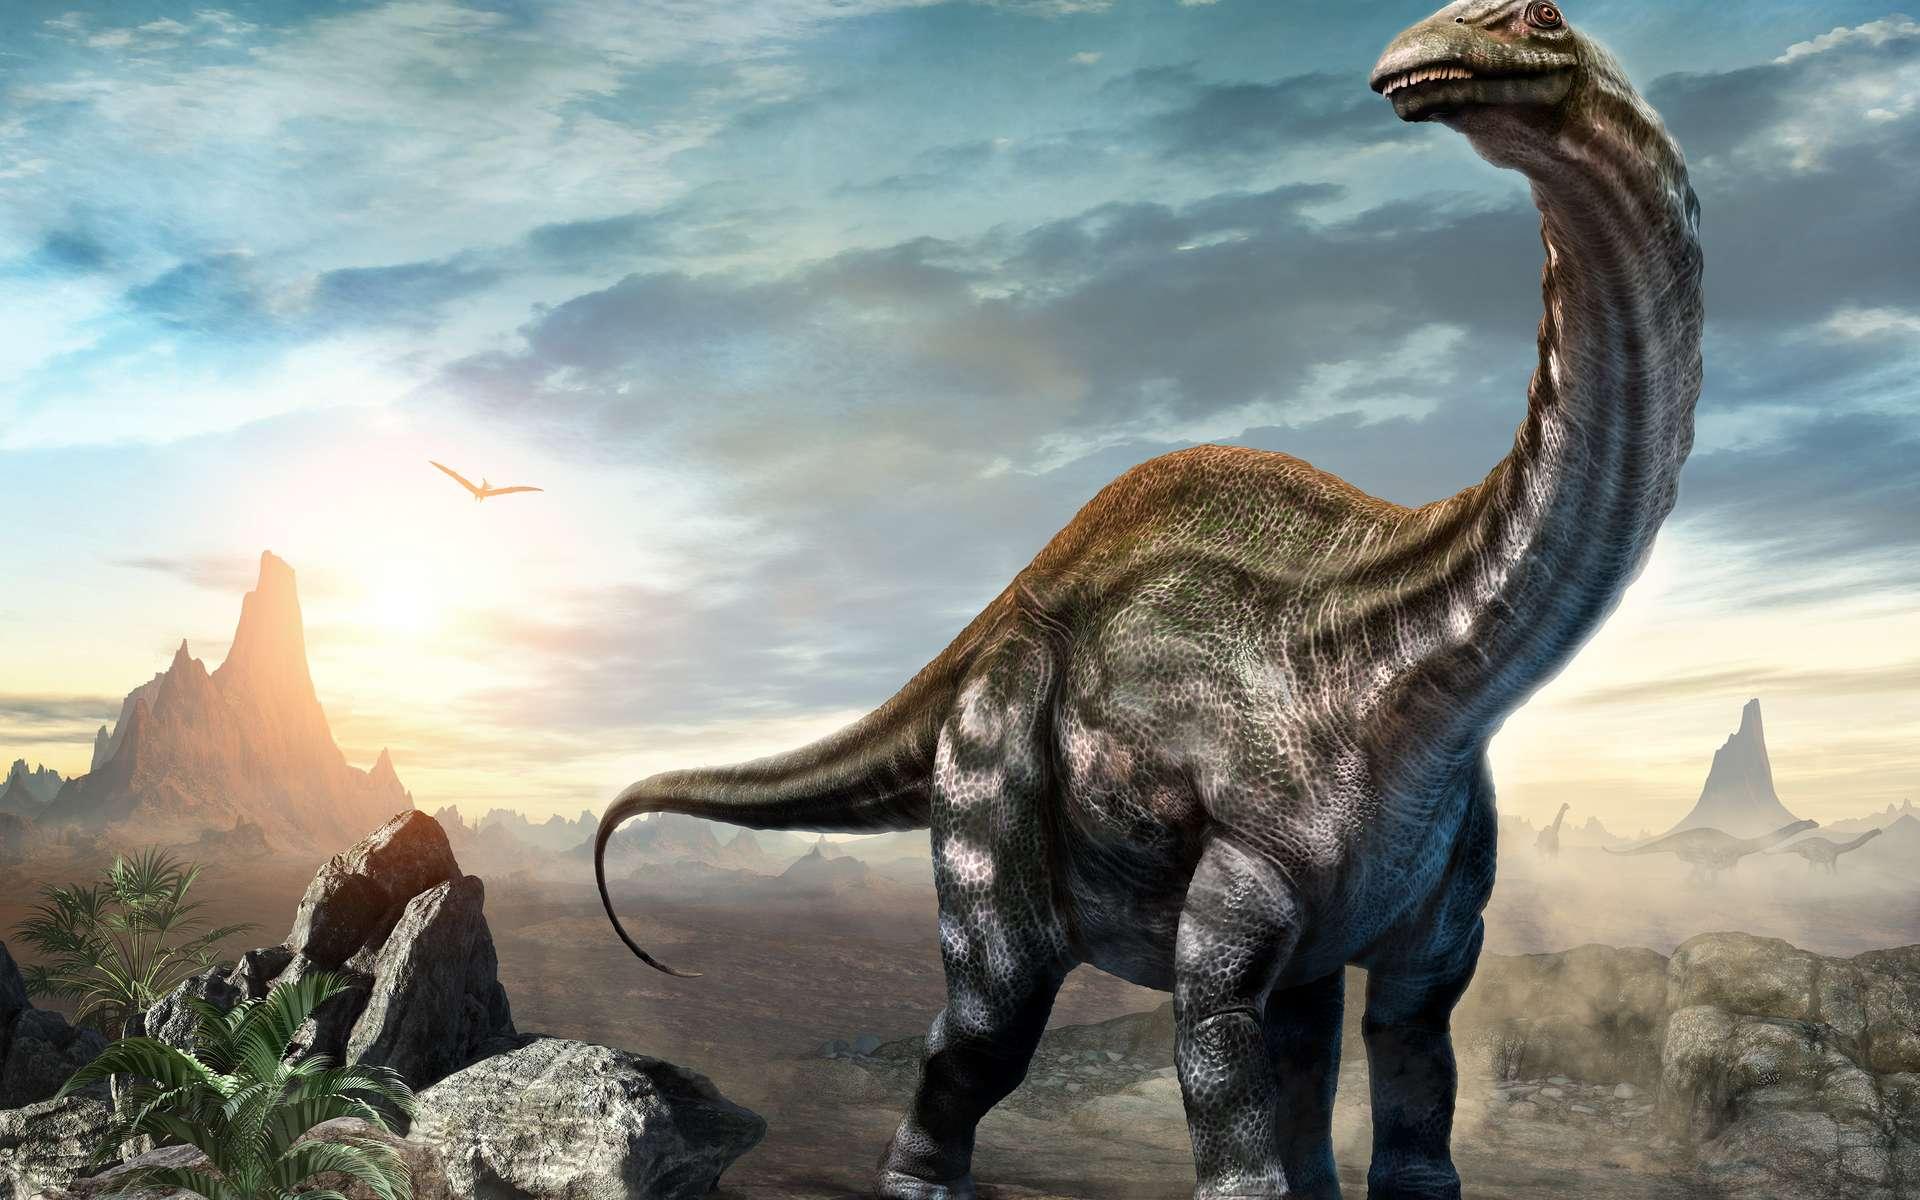 Les dinosaures sont une source sans doute inépuisable de découvertes. © warpaintcobra, Adobe Stock